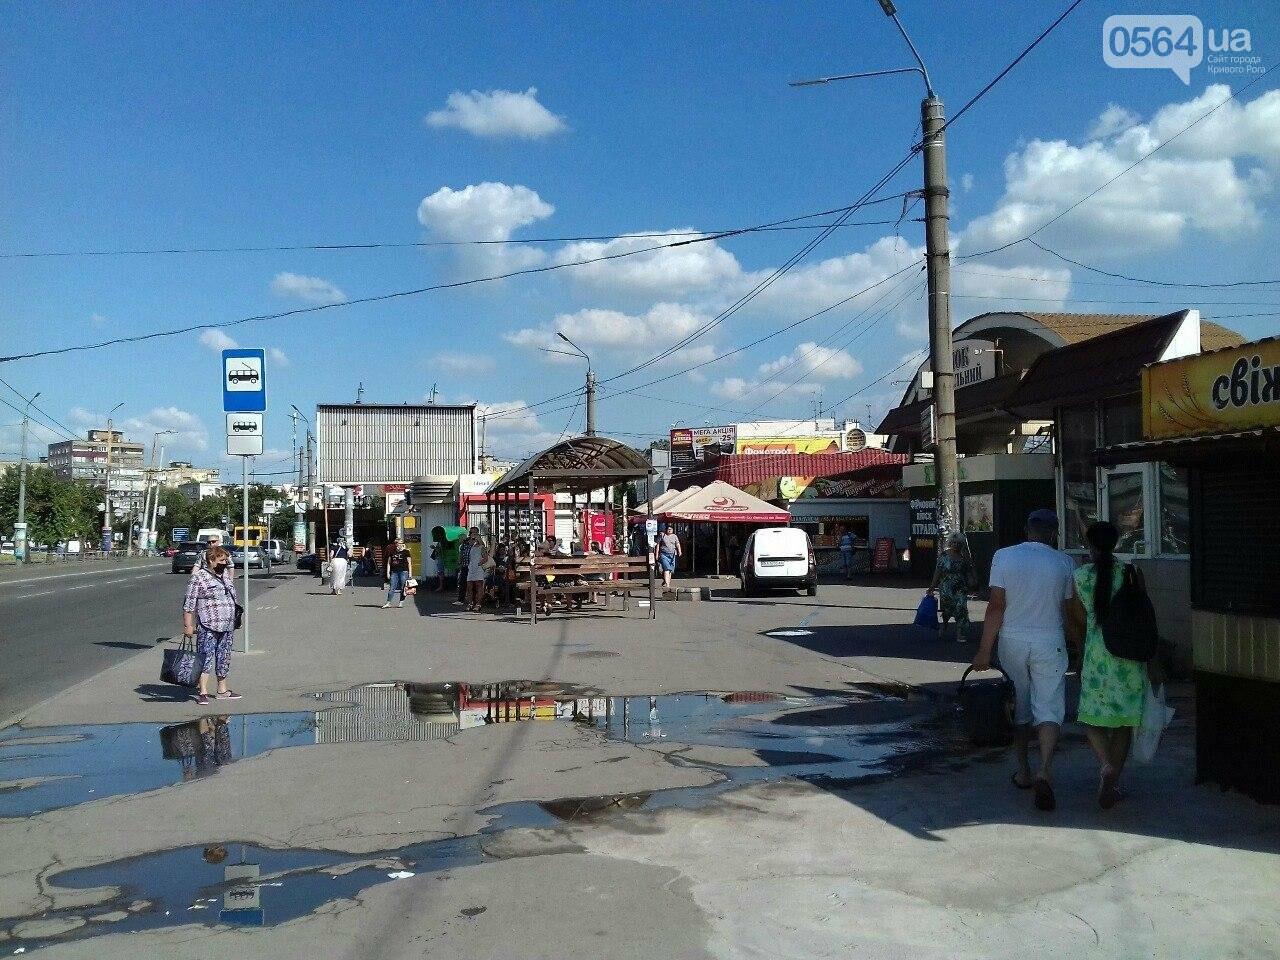 """Экстрим: Как возле """"Центрального рынка"""" Кривого Рога горожан убедили в полезности защитных масок, - ФОТО, фото-5"""